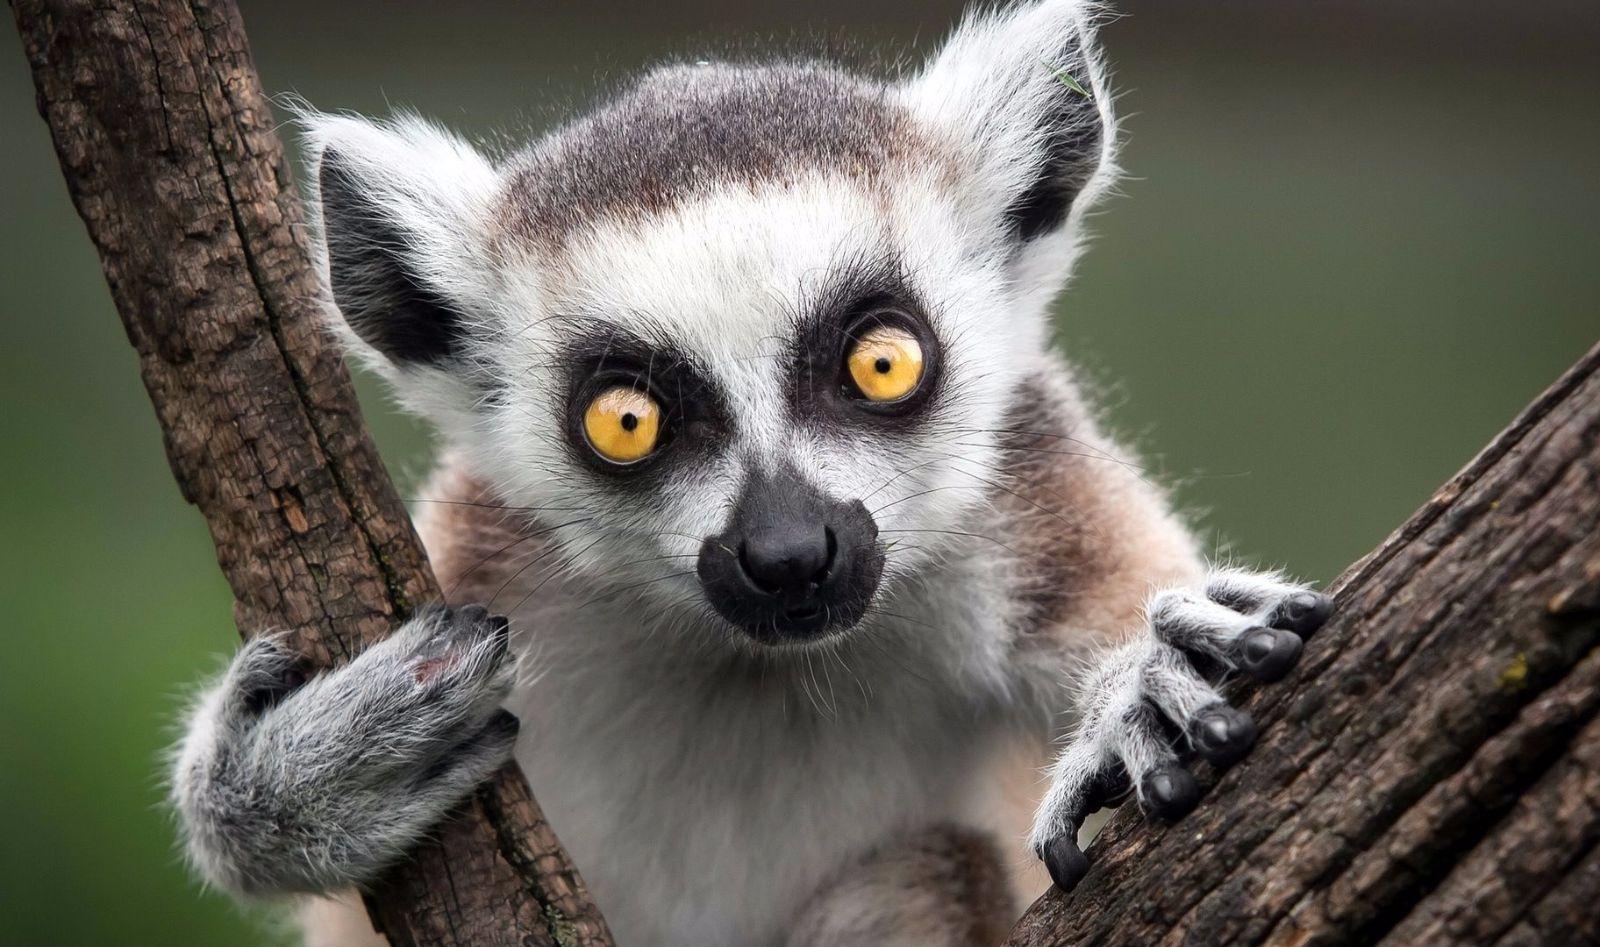 Un lémur de Madagascar, el animal más típico de esta isla tan especial del Índico